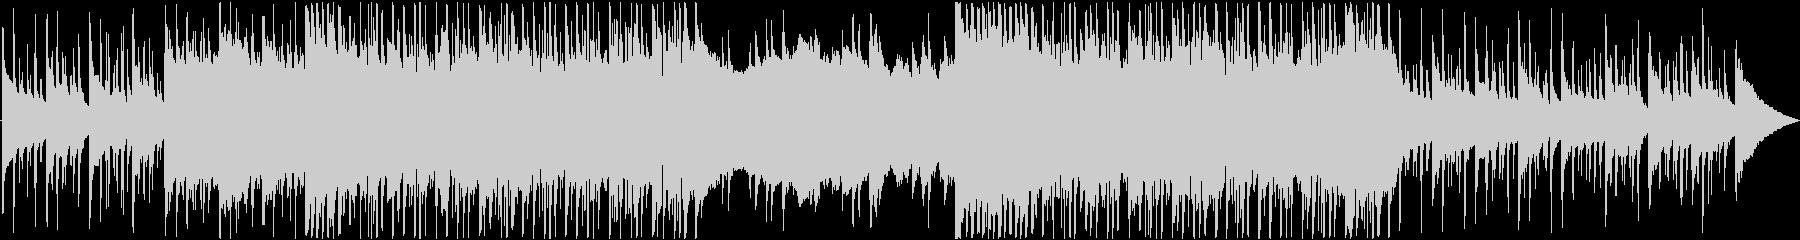 洋楽っぽさのあるクールなロックBGMの未再生の波形